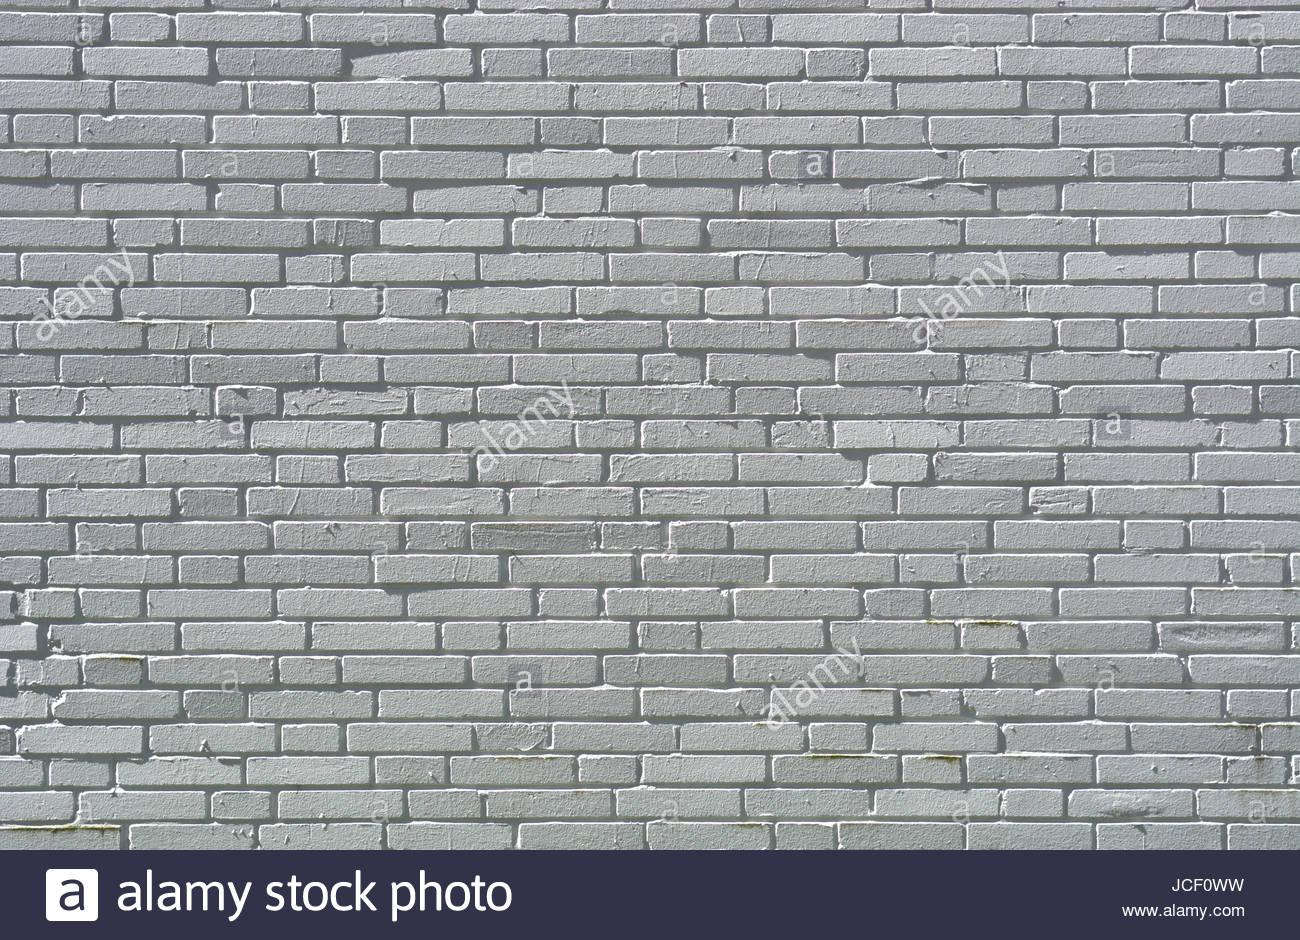 Alte, unregelmäßige, weiße Klinkersteine im Mauerwerk einer Hauswand mit Fugen. - Stock Image